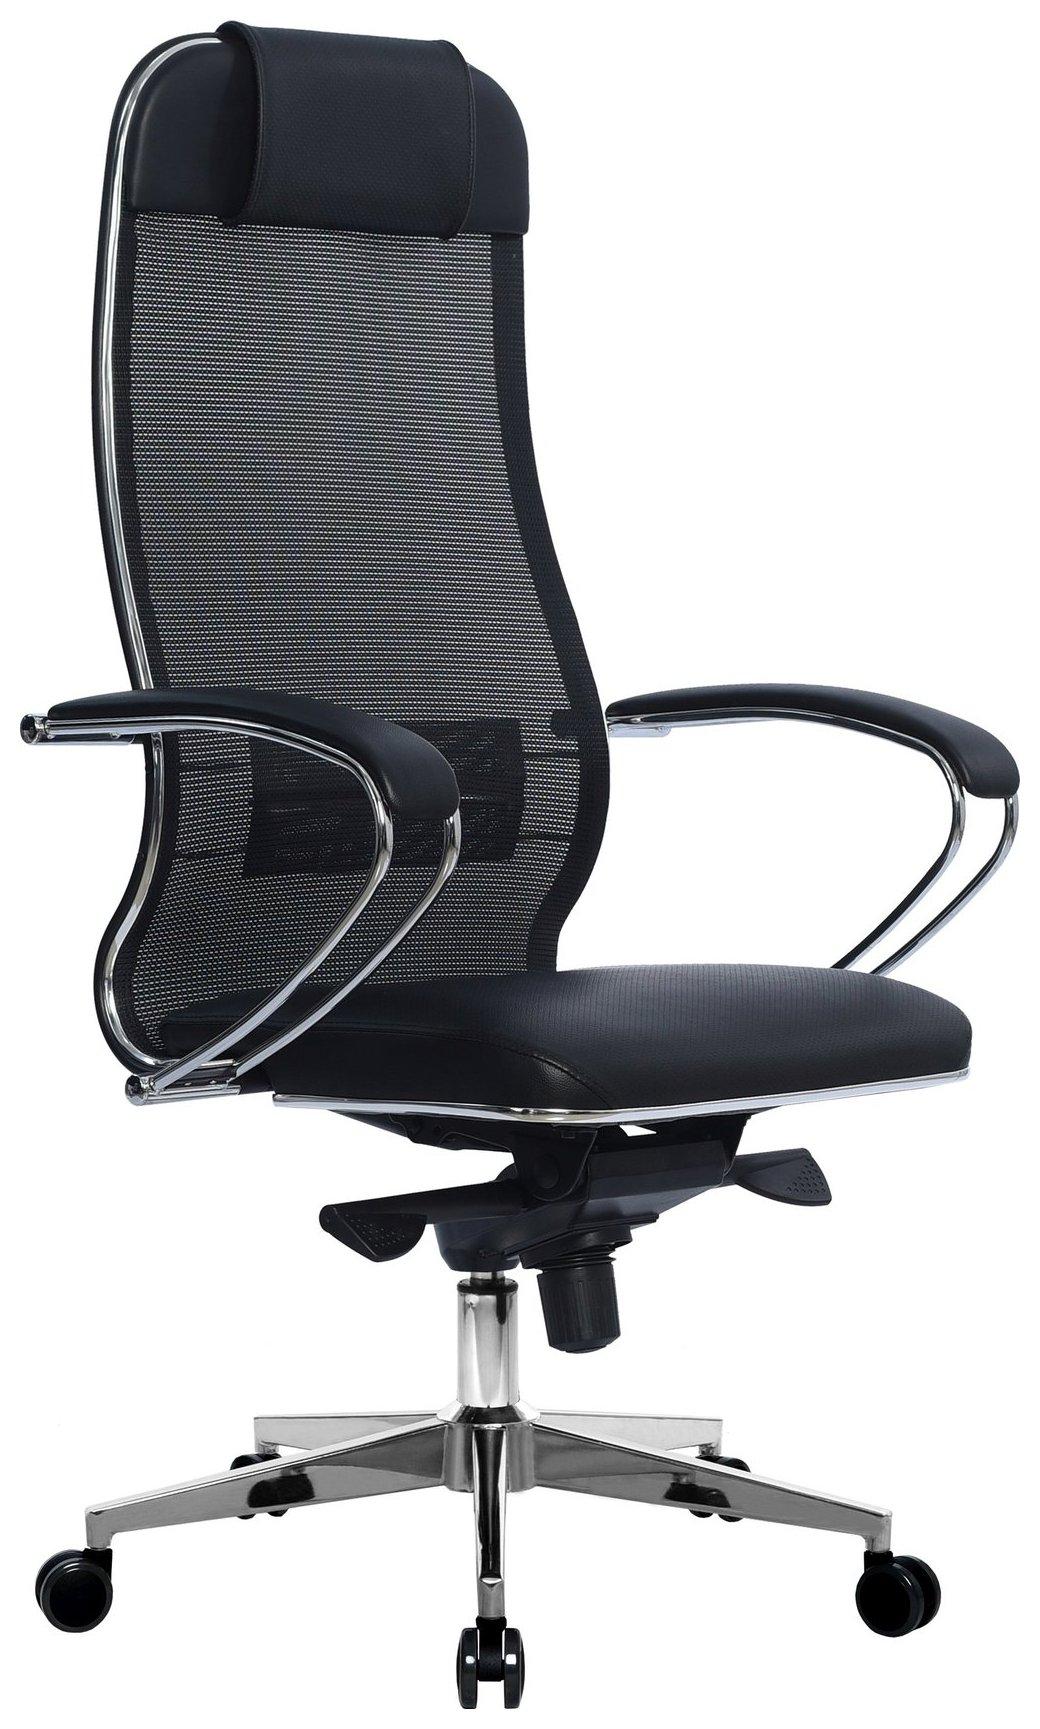 Купить Кресло для руководителя Samurai Comfort 1.01 за 16242 ₽ в Новокузнецке — интернет-магазин VITTO